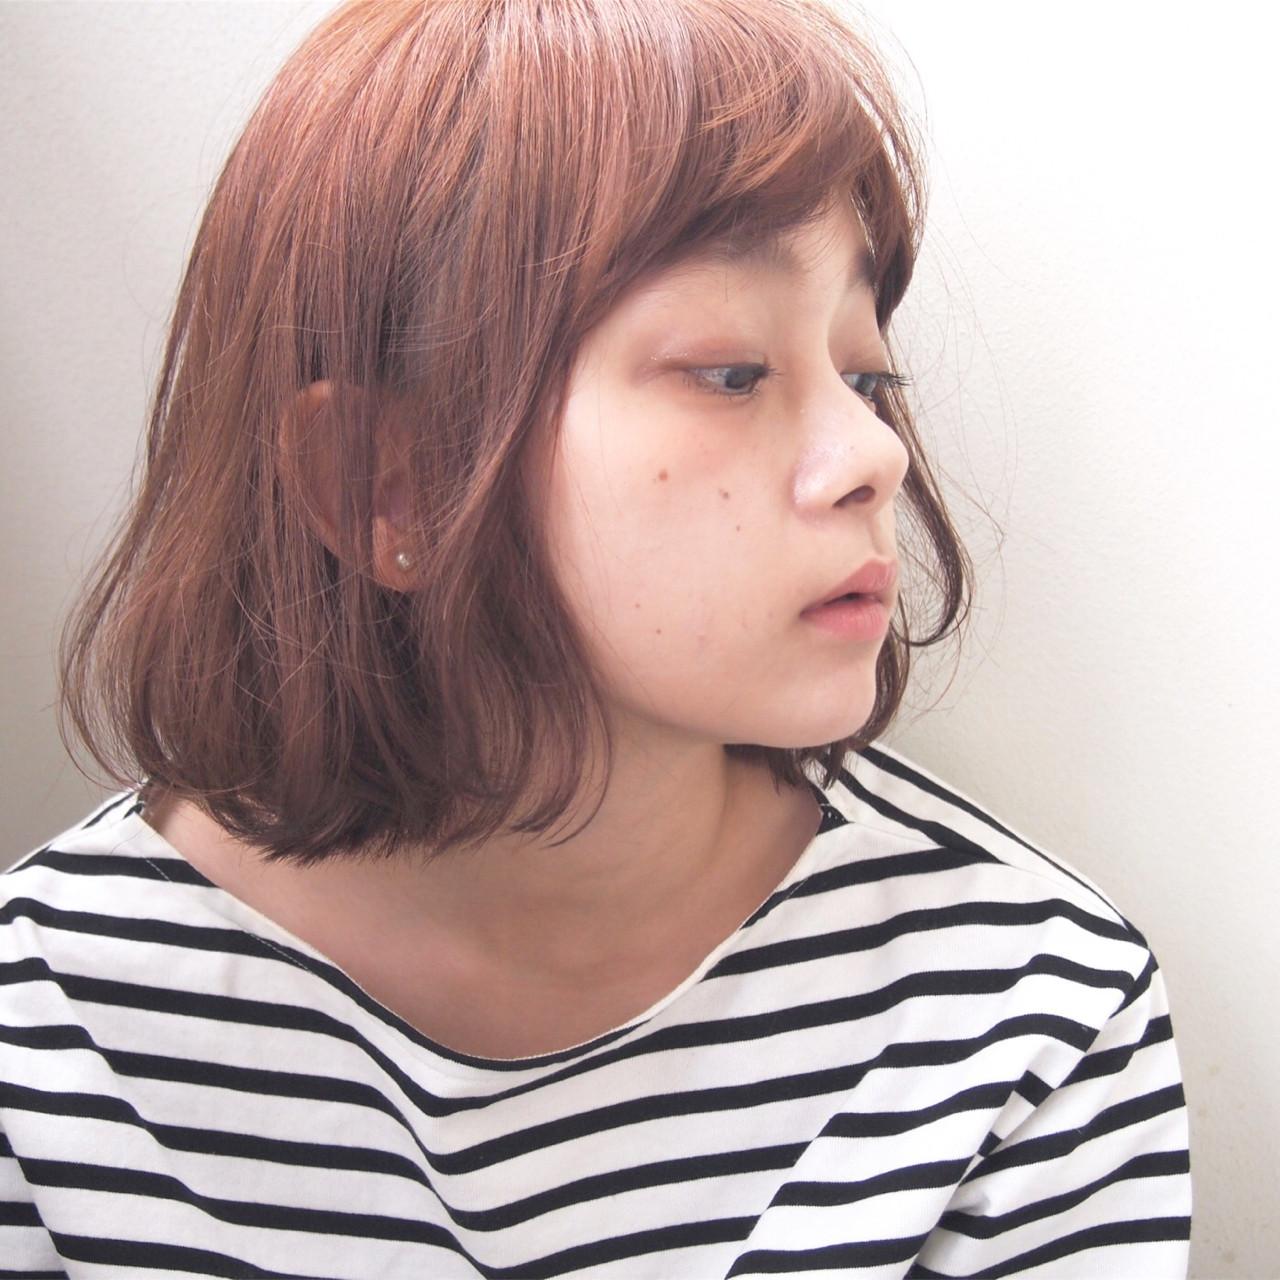 くせ毛風 ウェーブ 秋 透明感 ヘアスタイルや髪型の写真・画像